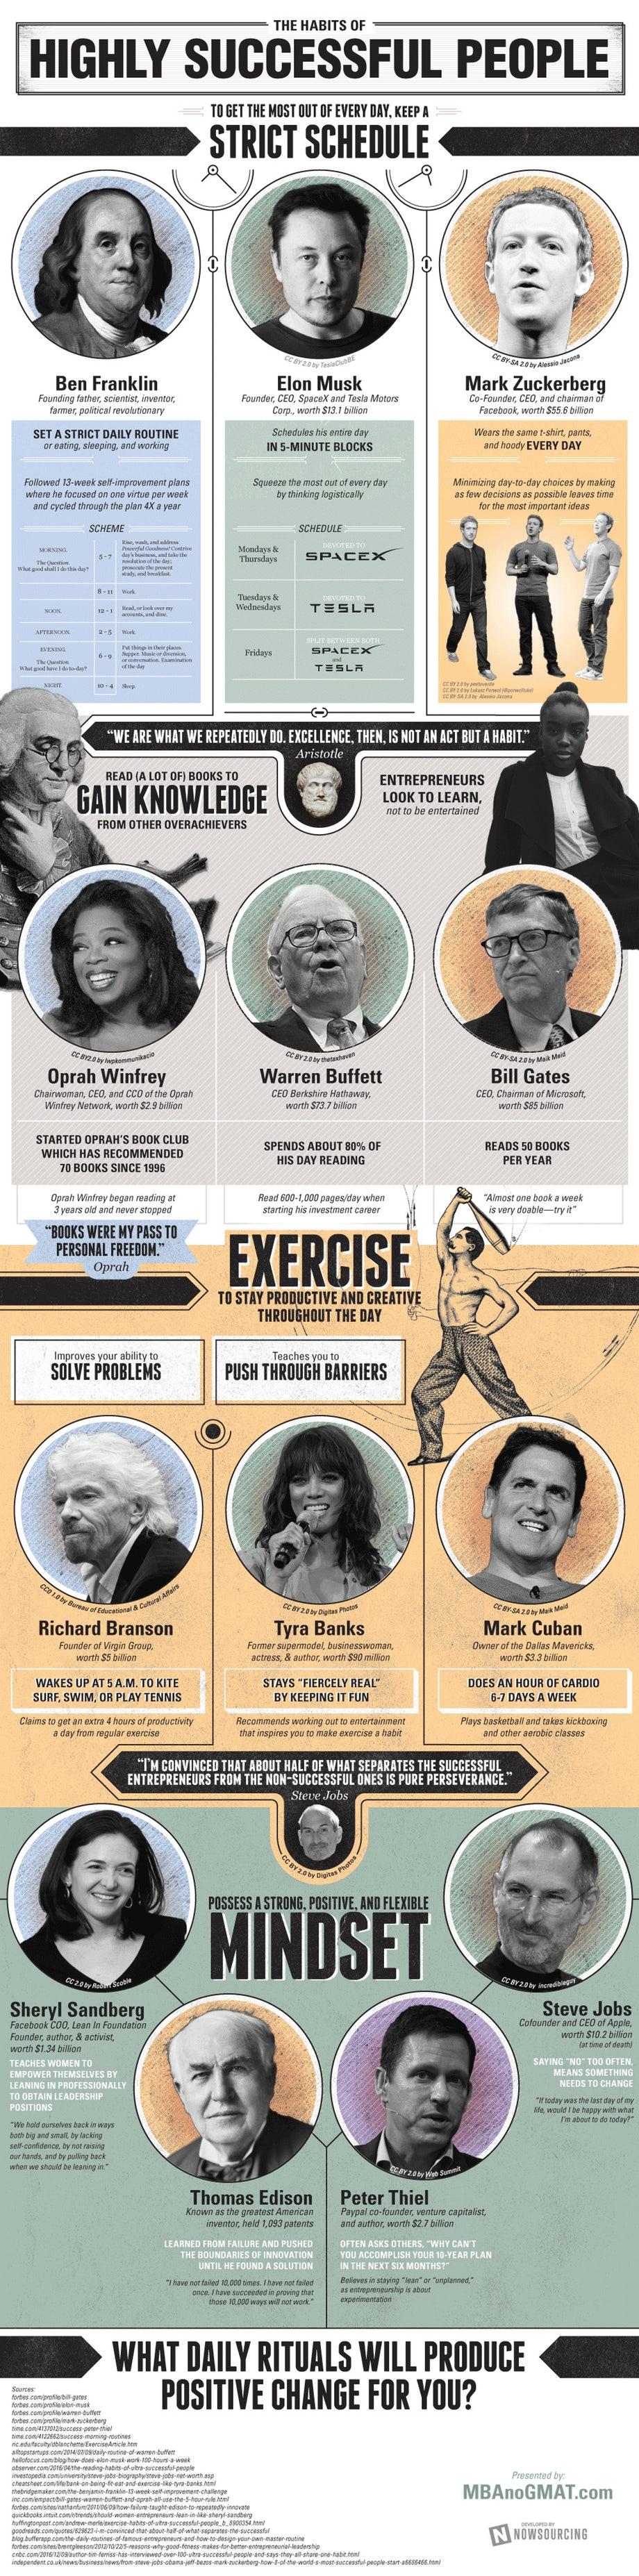 gewohnheiten-erfolgreicher-menschen | Gewohnheiten, Erfolgreich und ...